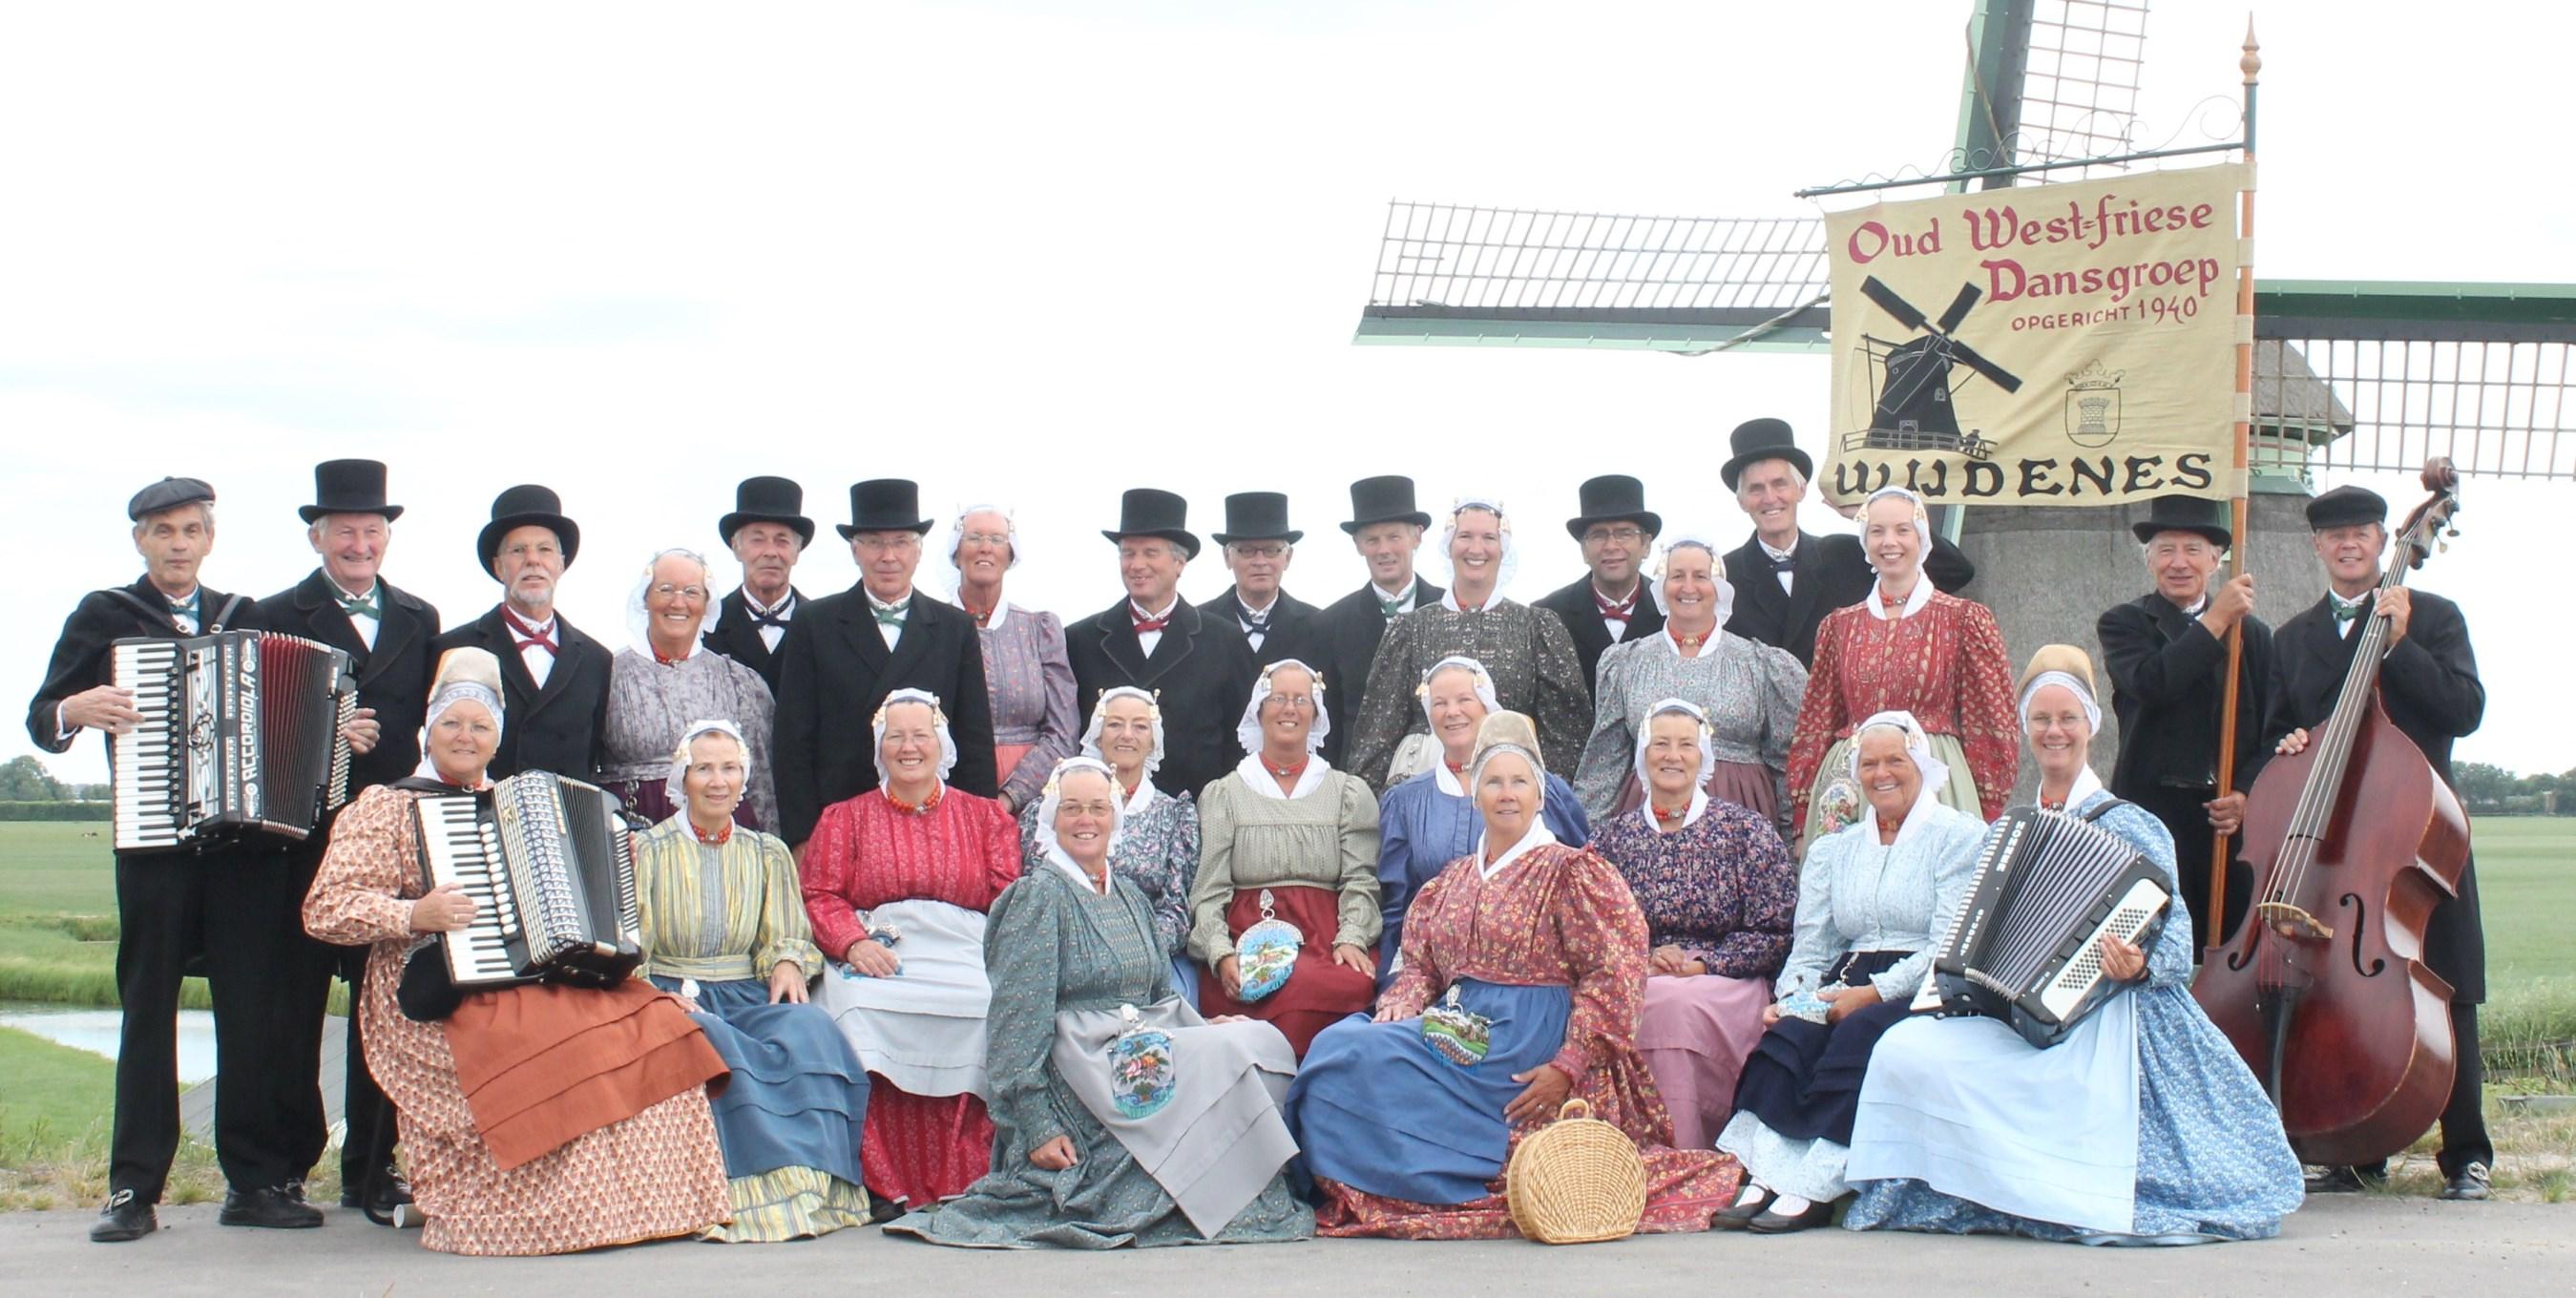 Oud West-friese Dansgroep Wijdenes